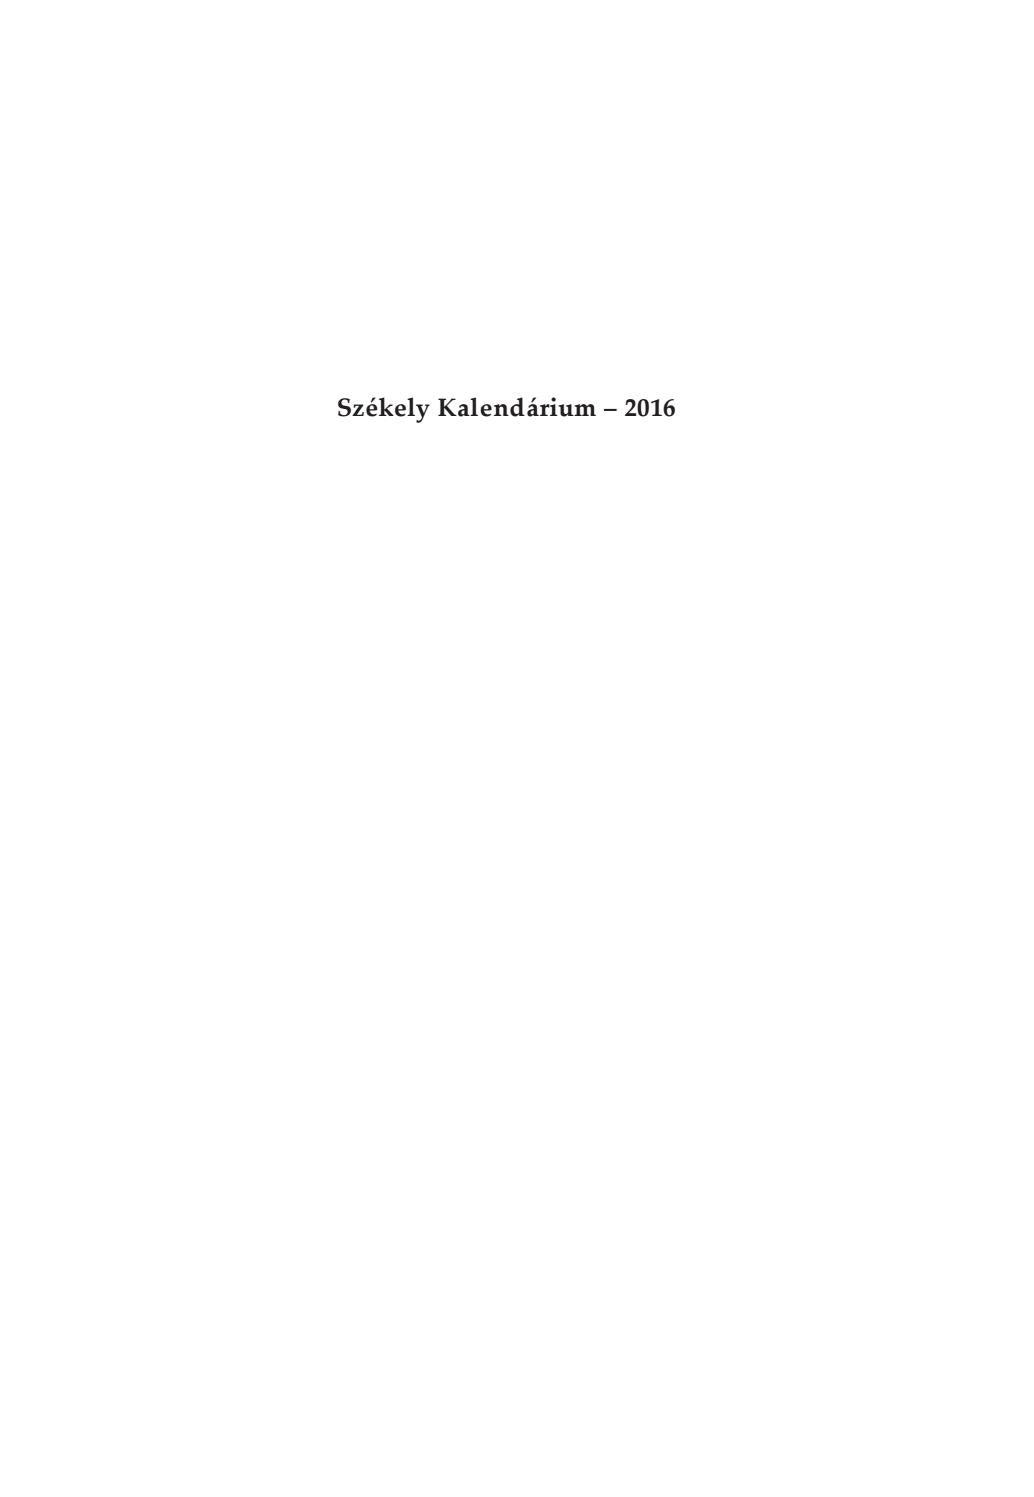 Nógrád Megyei Hírlap, december ( évfolyam, szám)   Könyvtár   Hungaricana